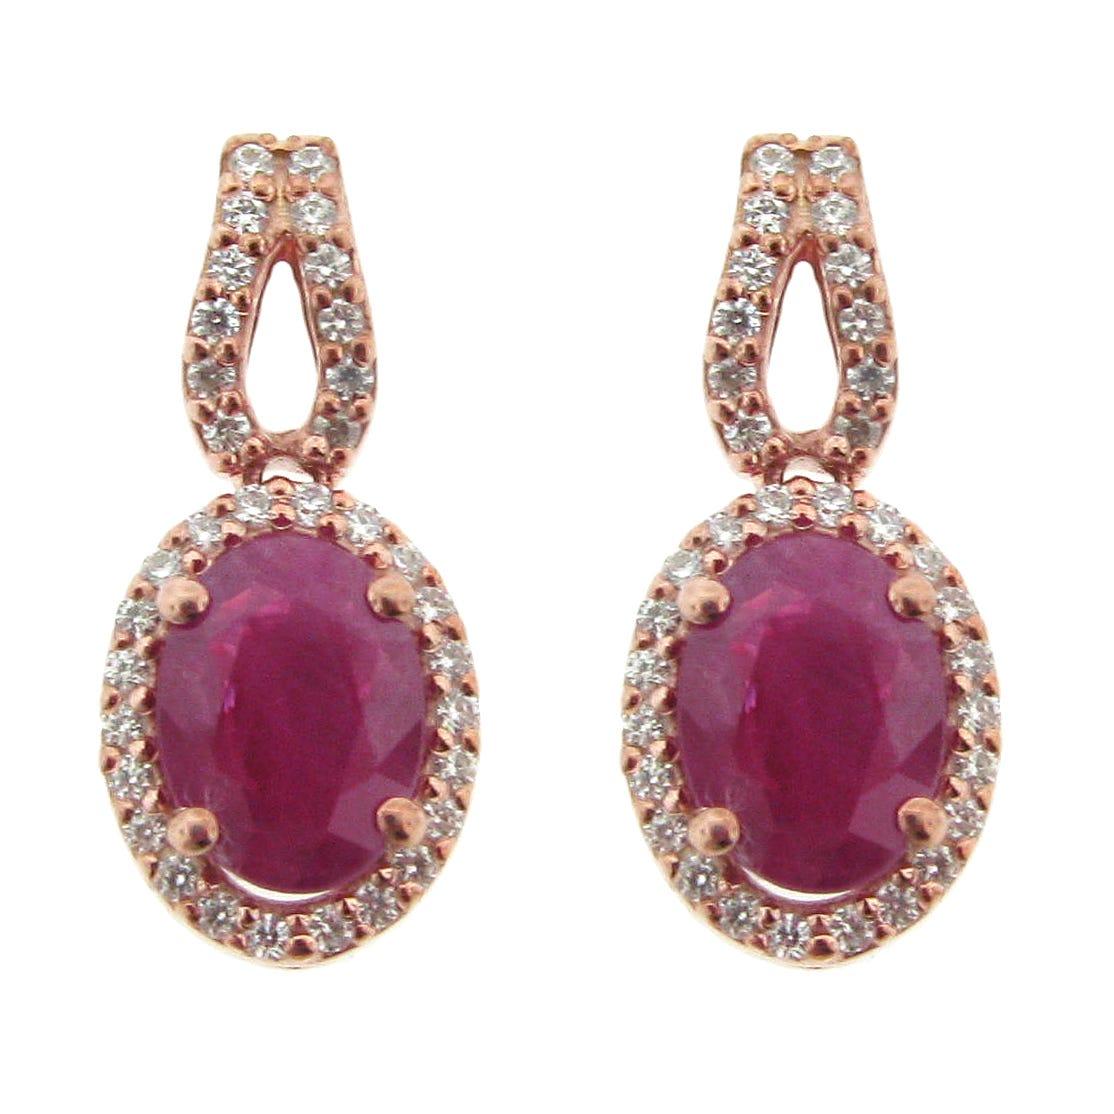 Ruby & Diamond Drop Earrings in 10K Rose Gold